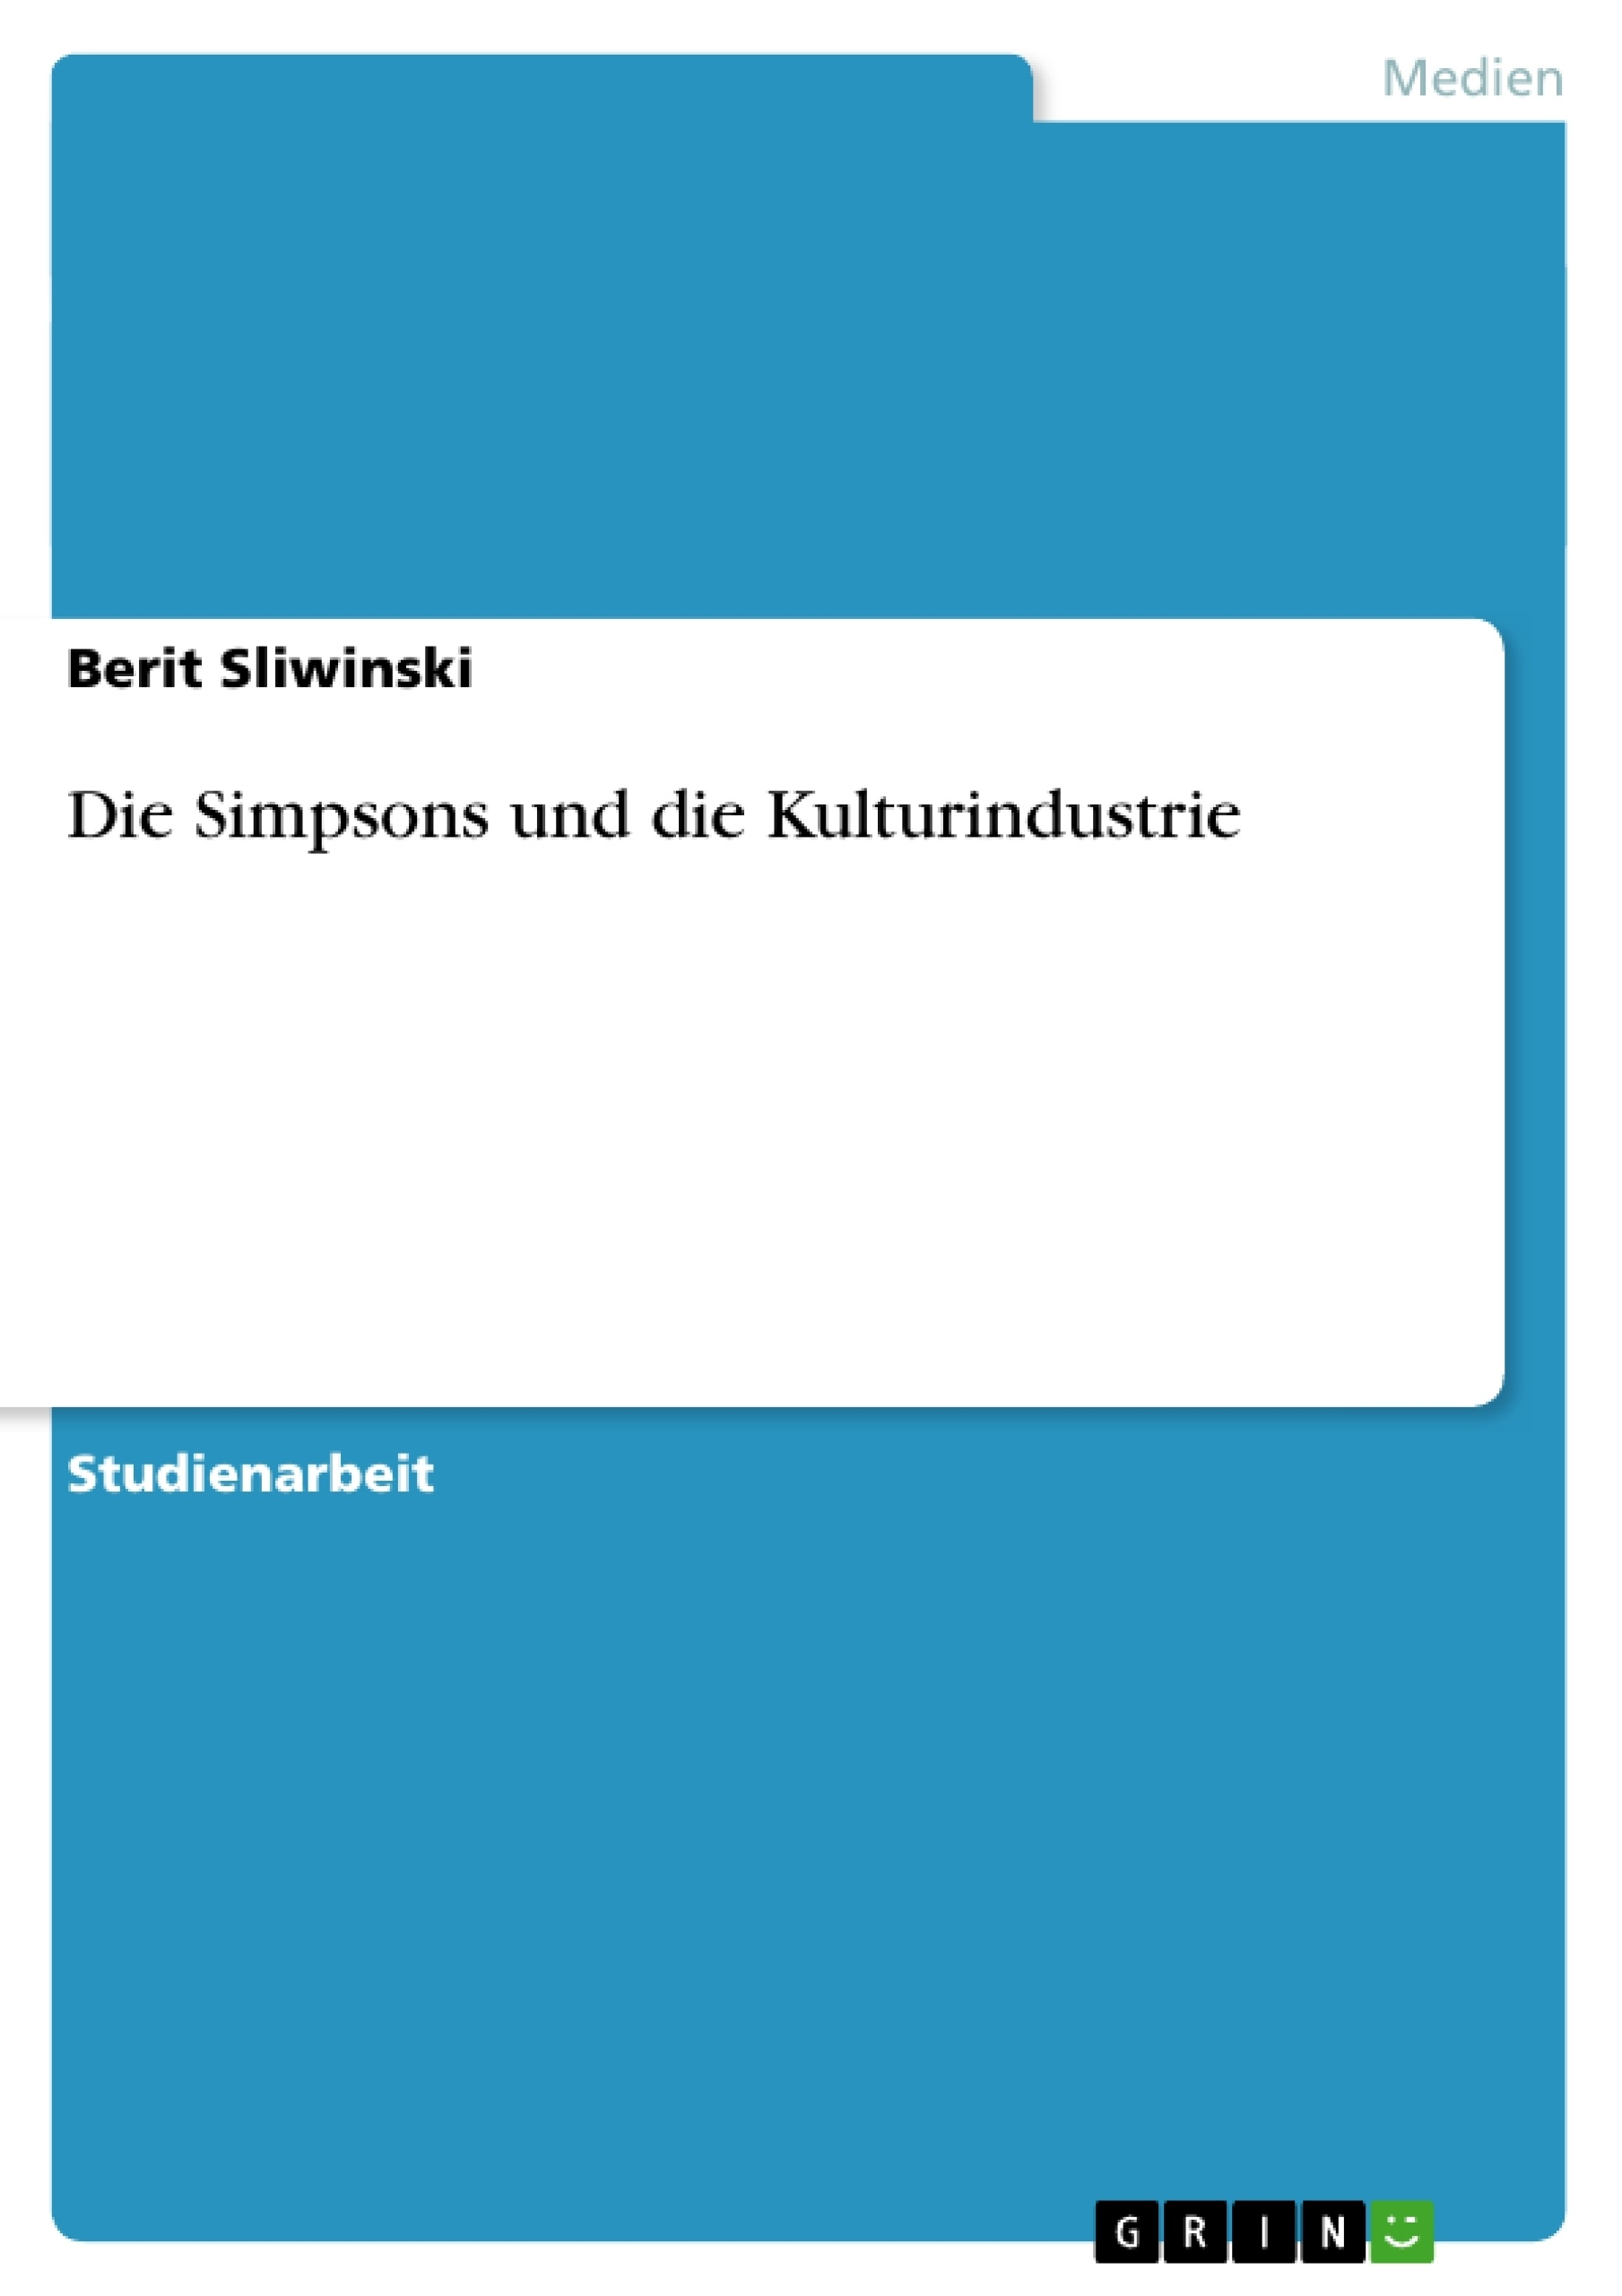 Titel: Die Simpsons und die Kulturindustrie